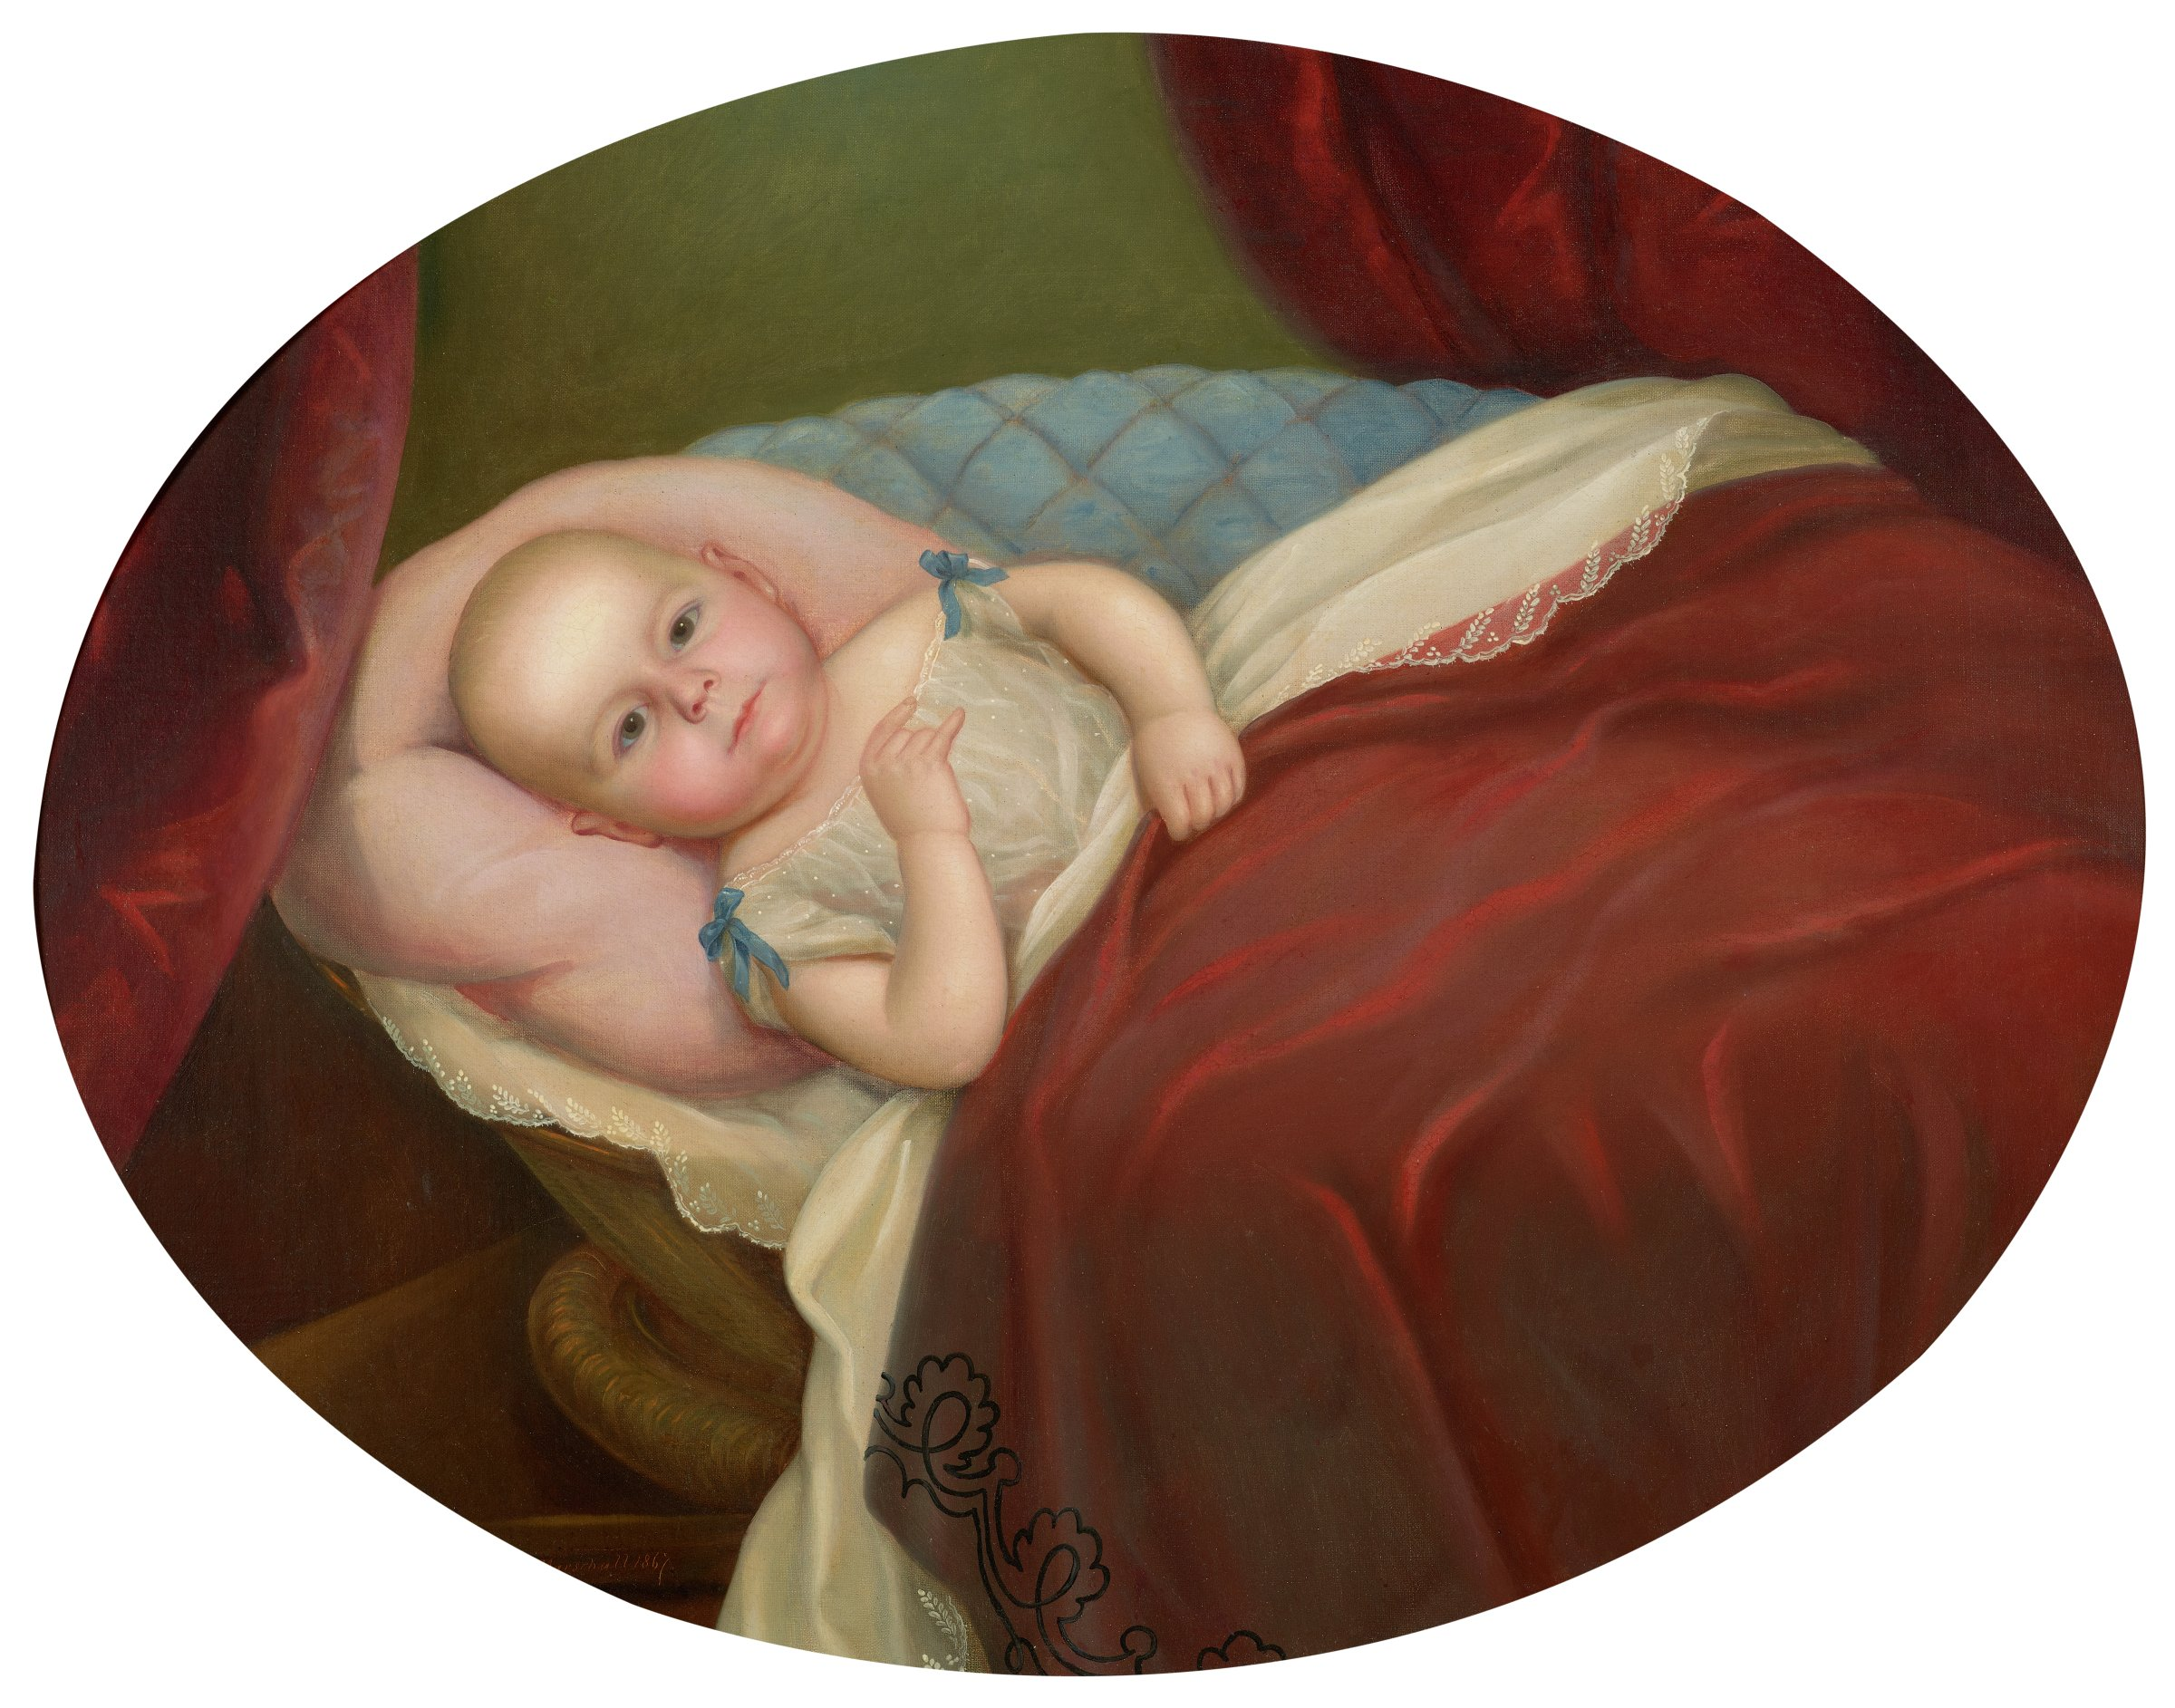 Portrait of Ewell Marschall, The Artist's Son, Nicola Marschall, oil on canvas